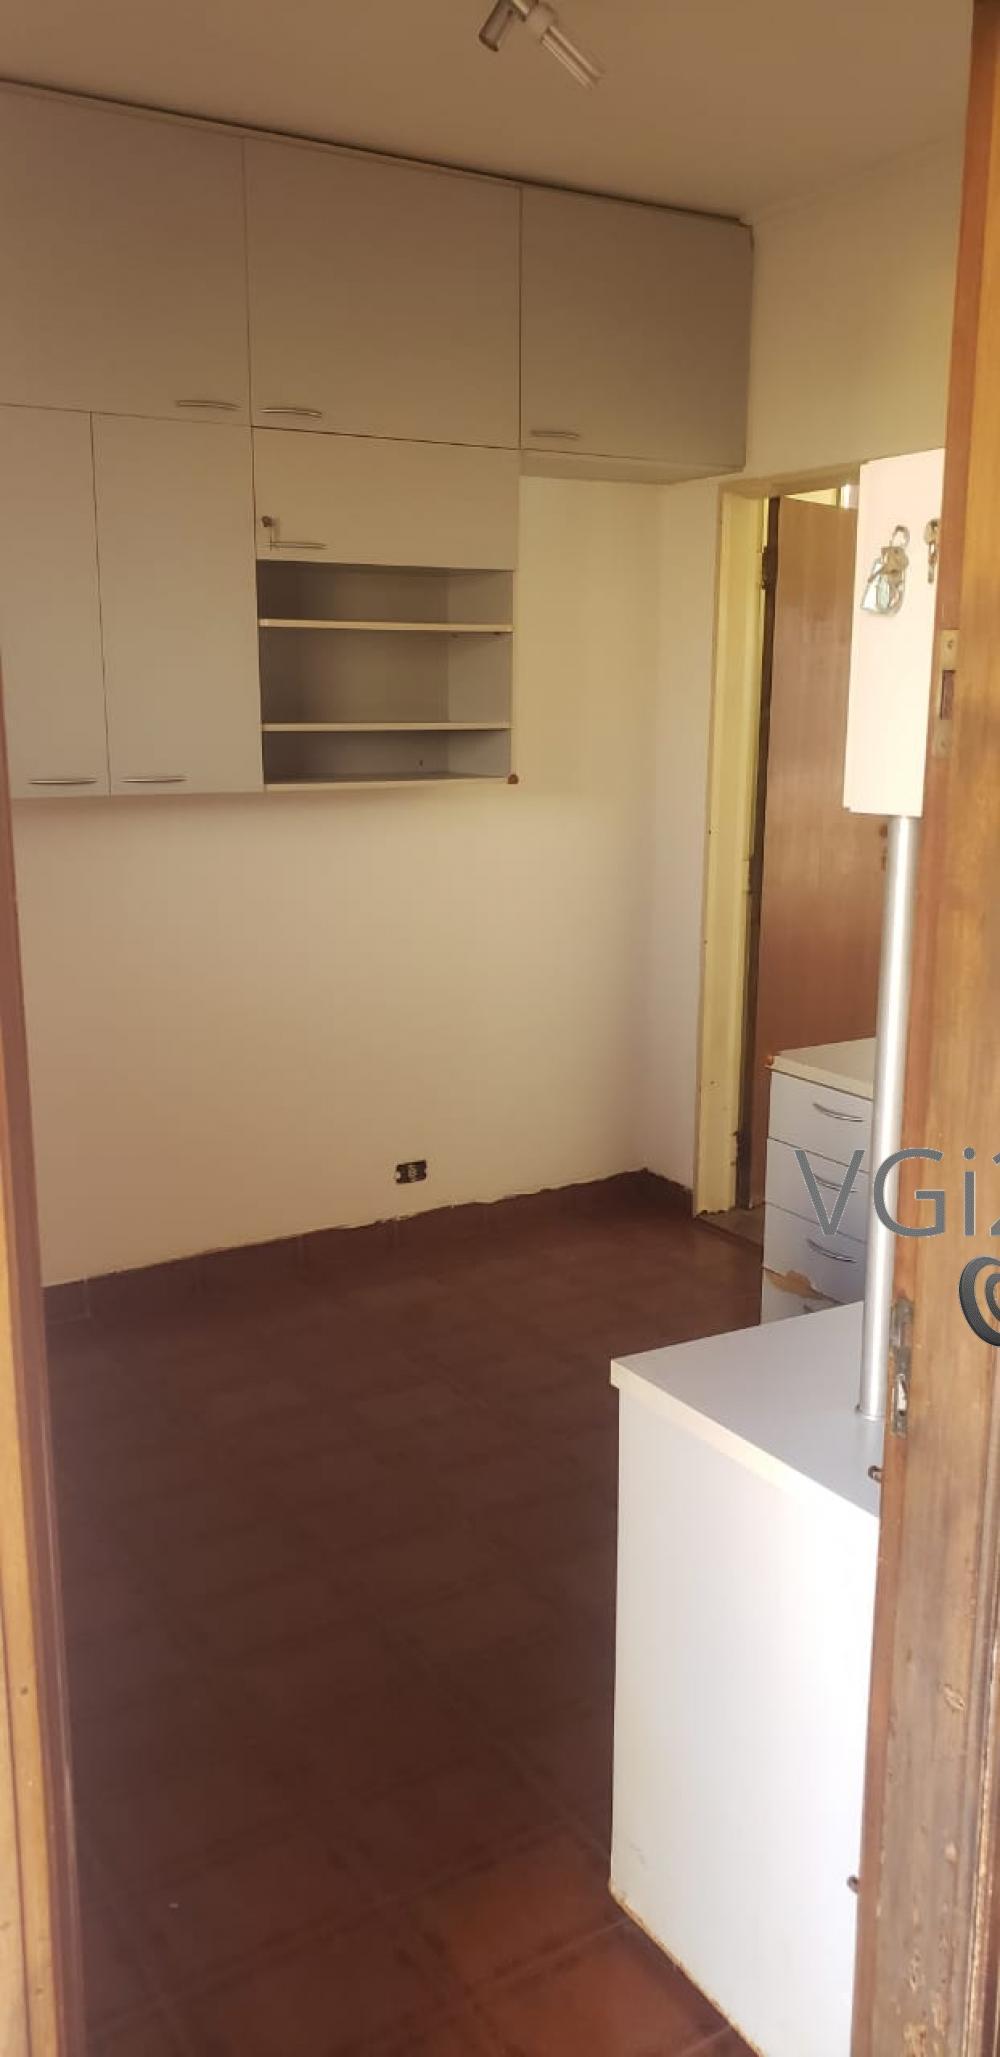 Comprar Casa / Padrão em Ribeirão Preto R$ 435.000,00 - Foto 19